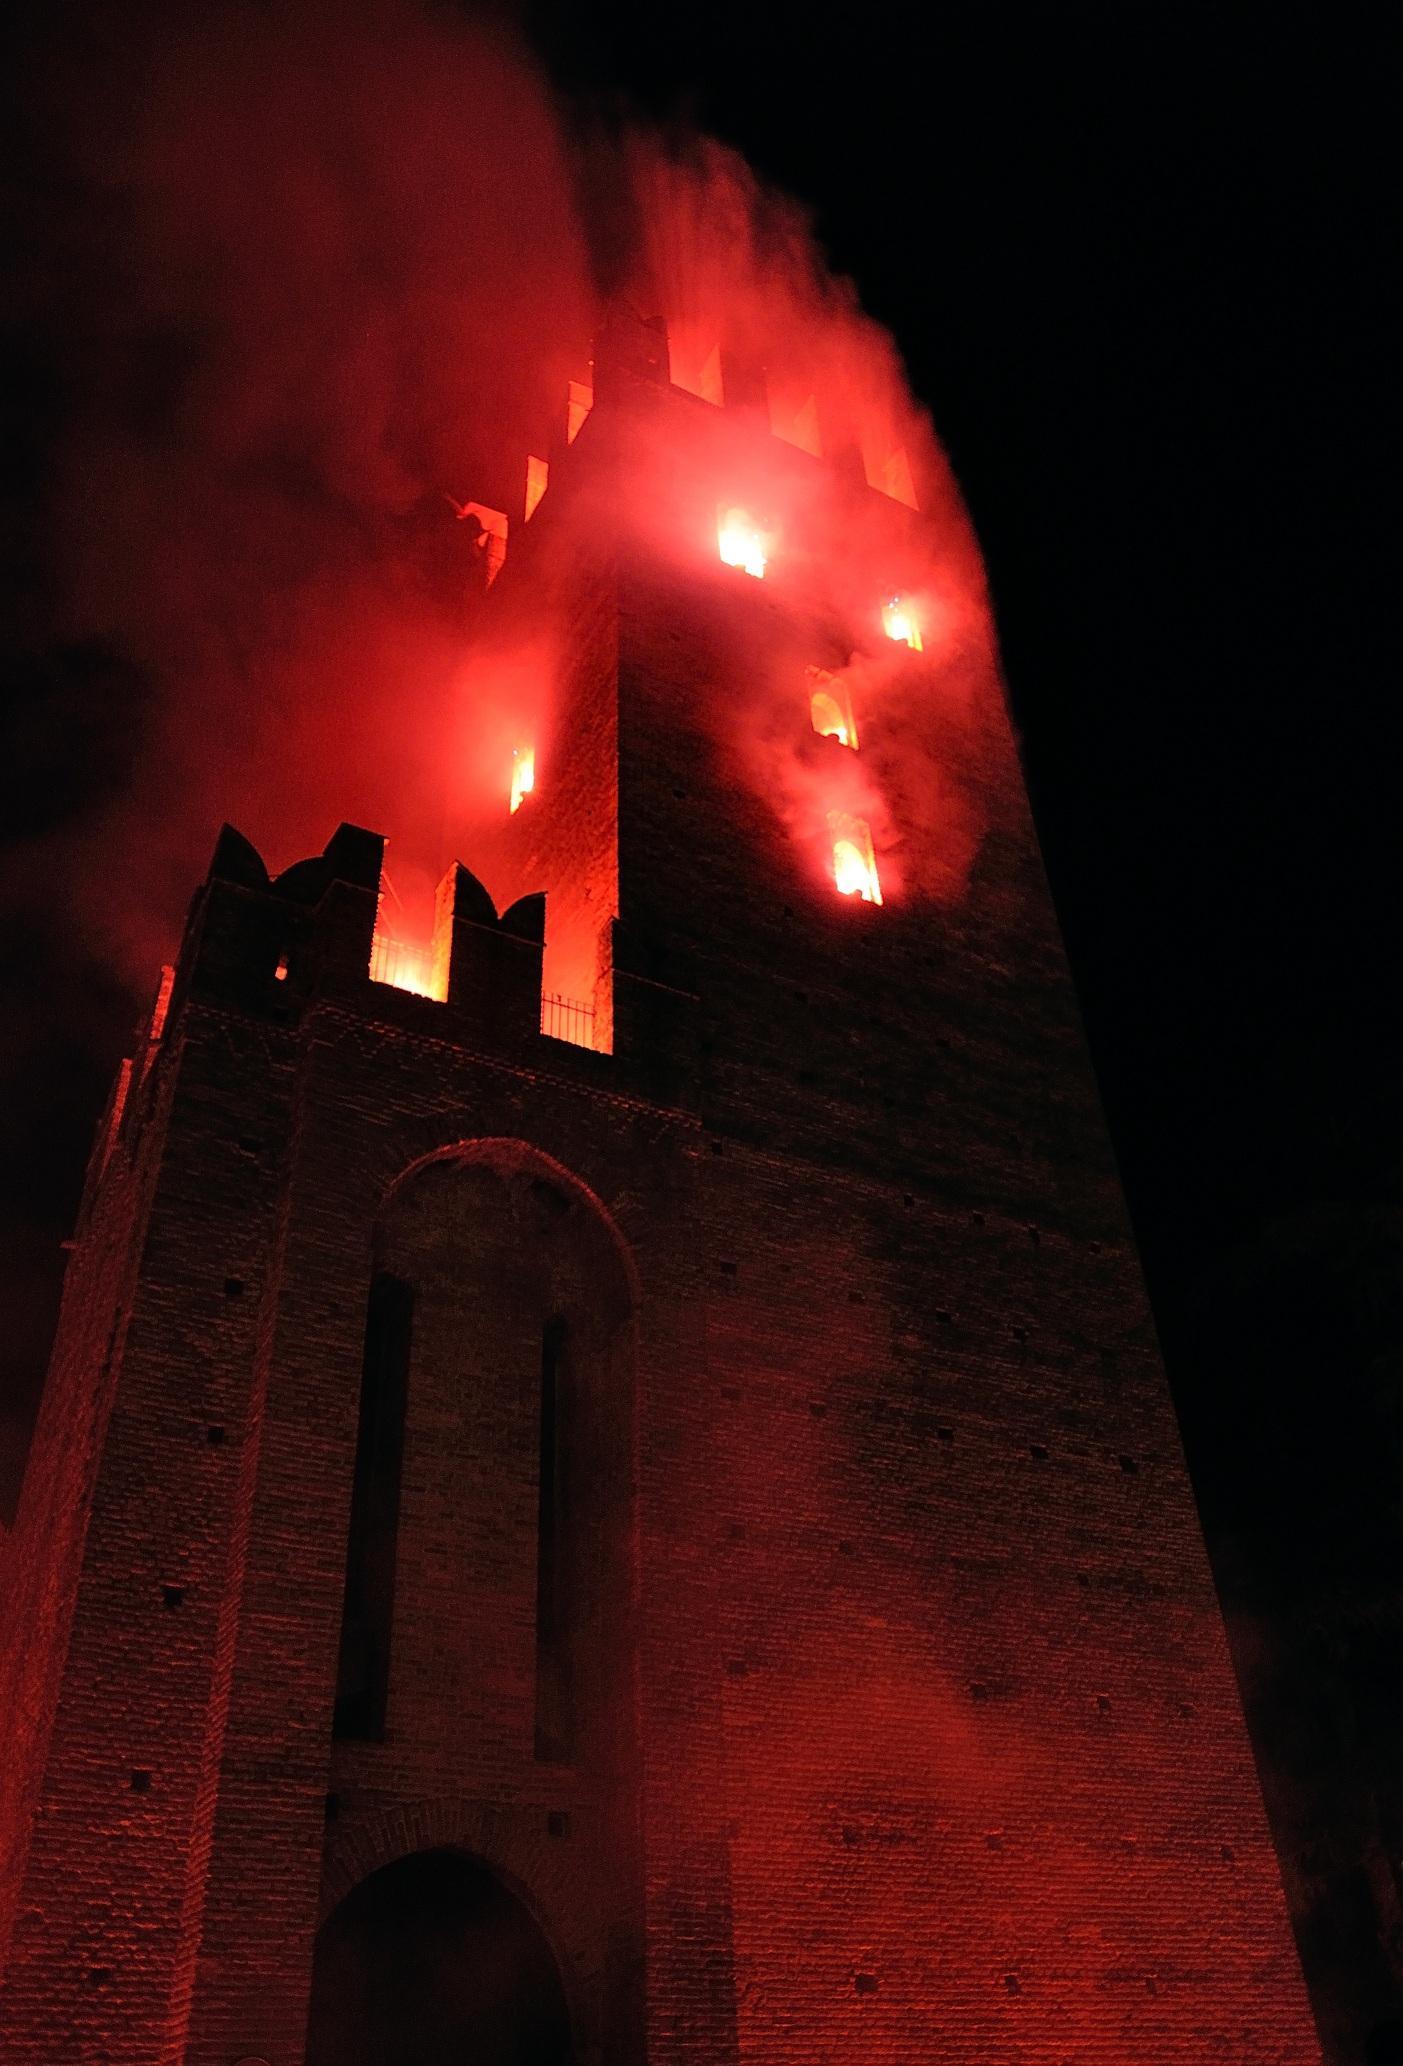 Castle in flames...